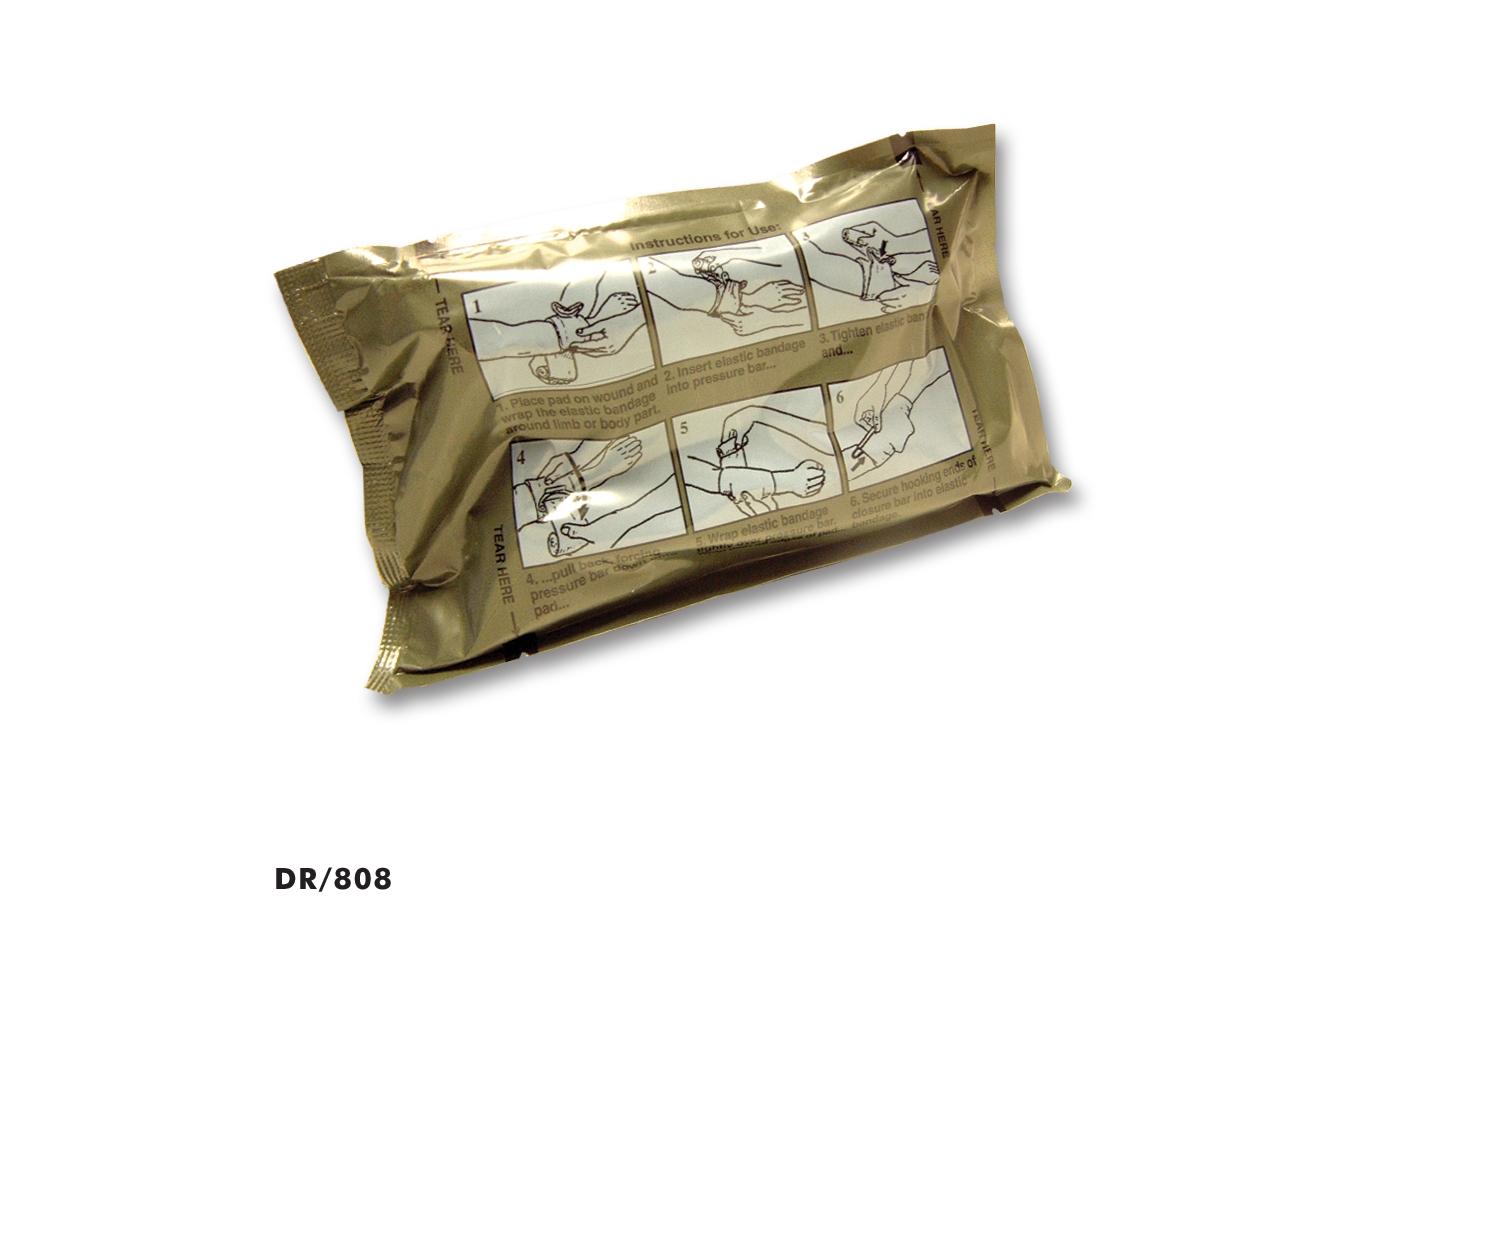 fb3e517fe3 Στρατιωτικός Αποστειρωμένος Αιμορραγικός Επίδεσμος Μάχης 15 cm ...